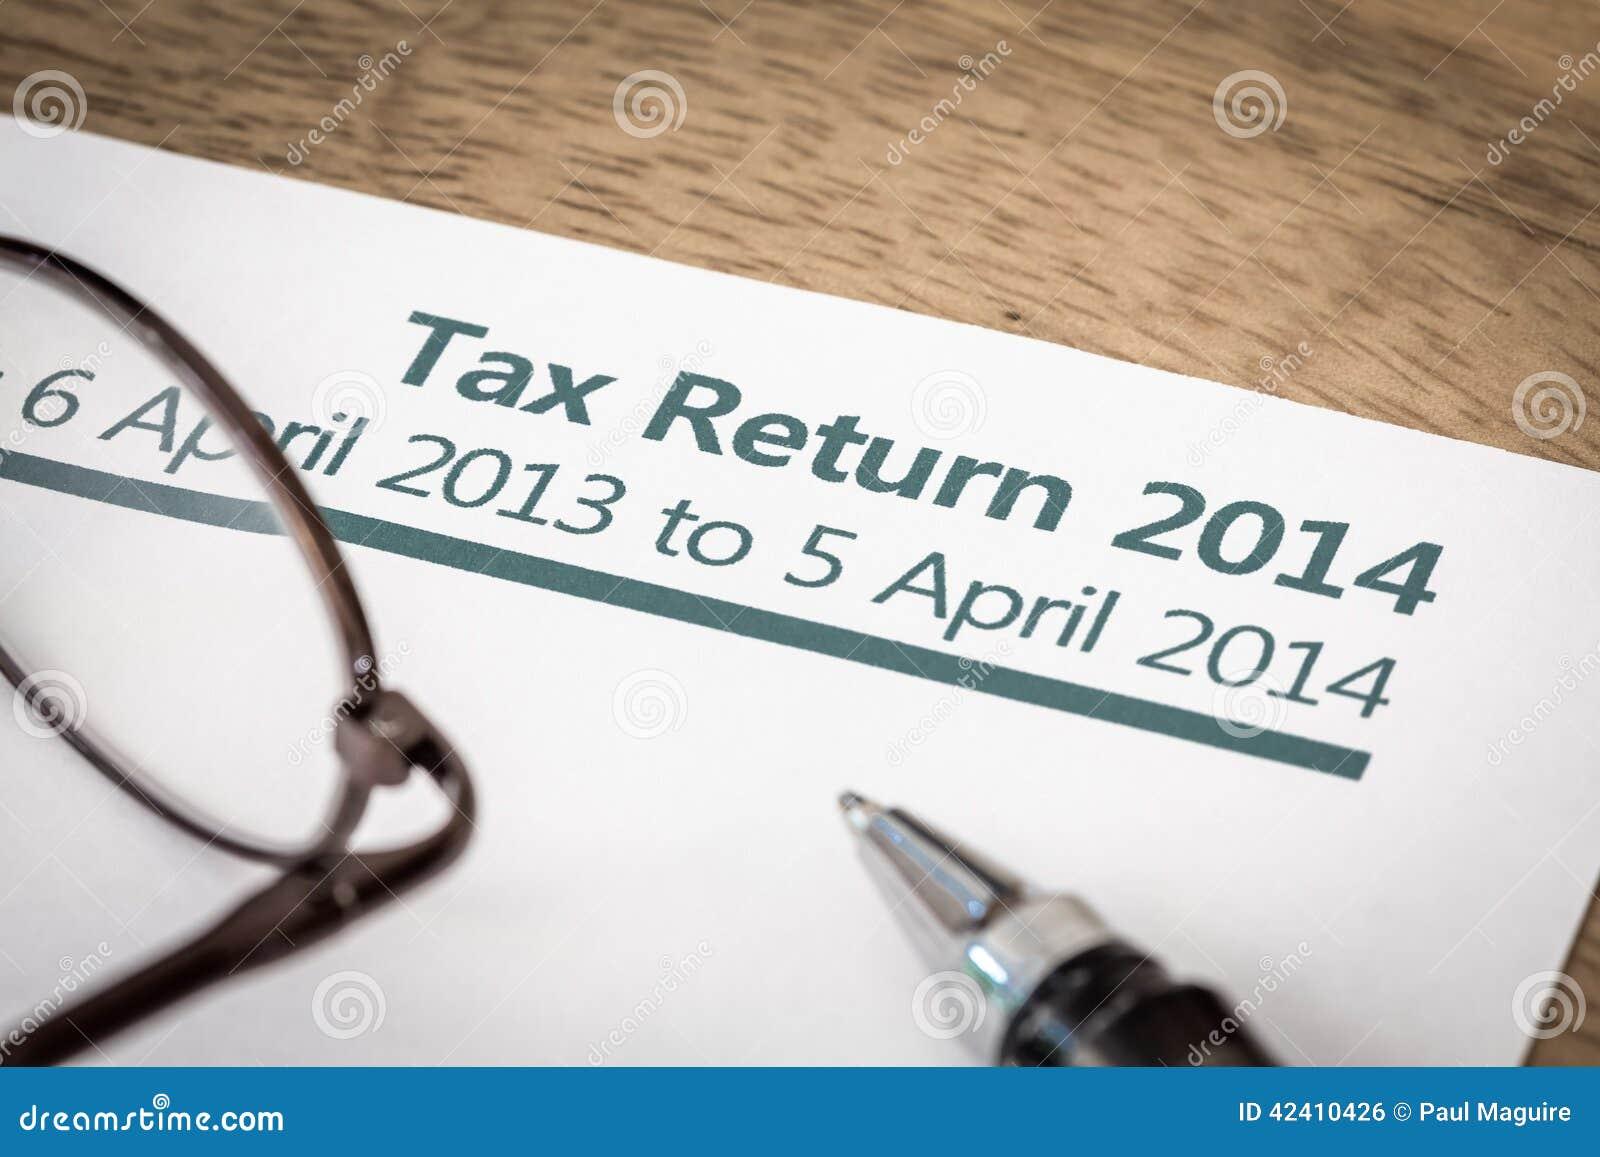 Declaração de rendimentos 2014